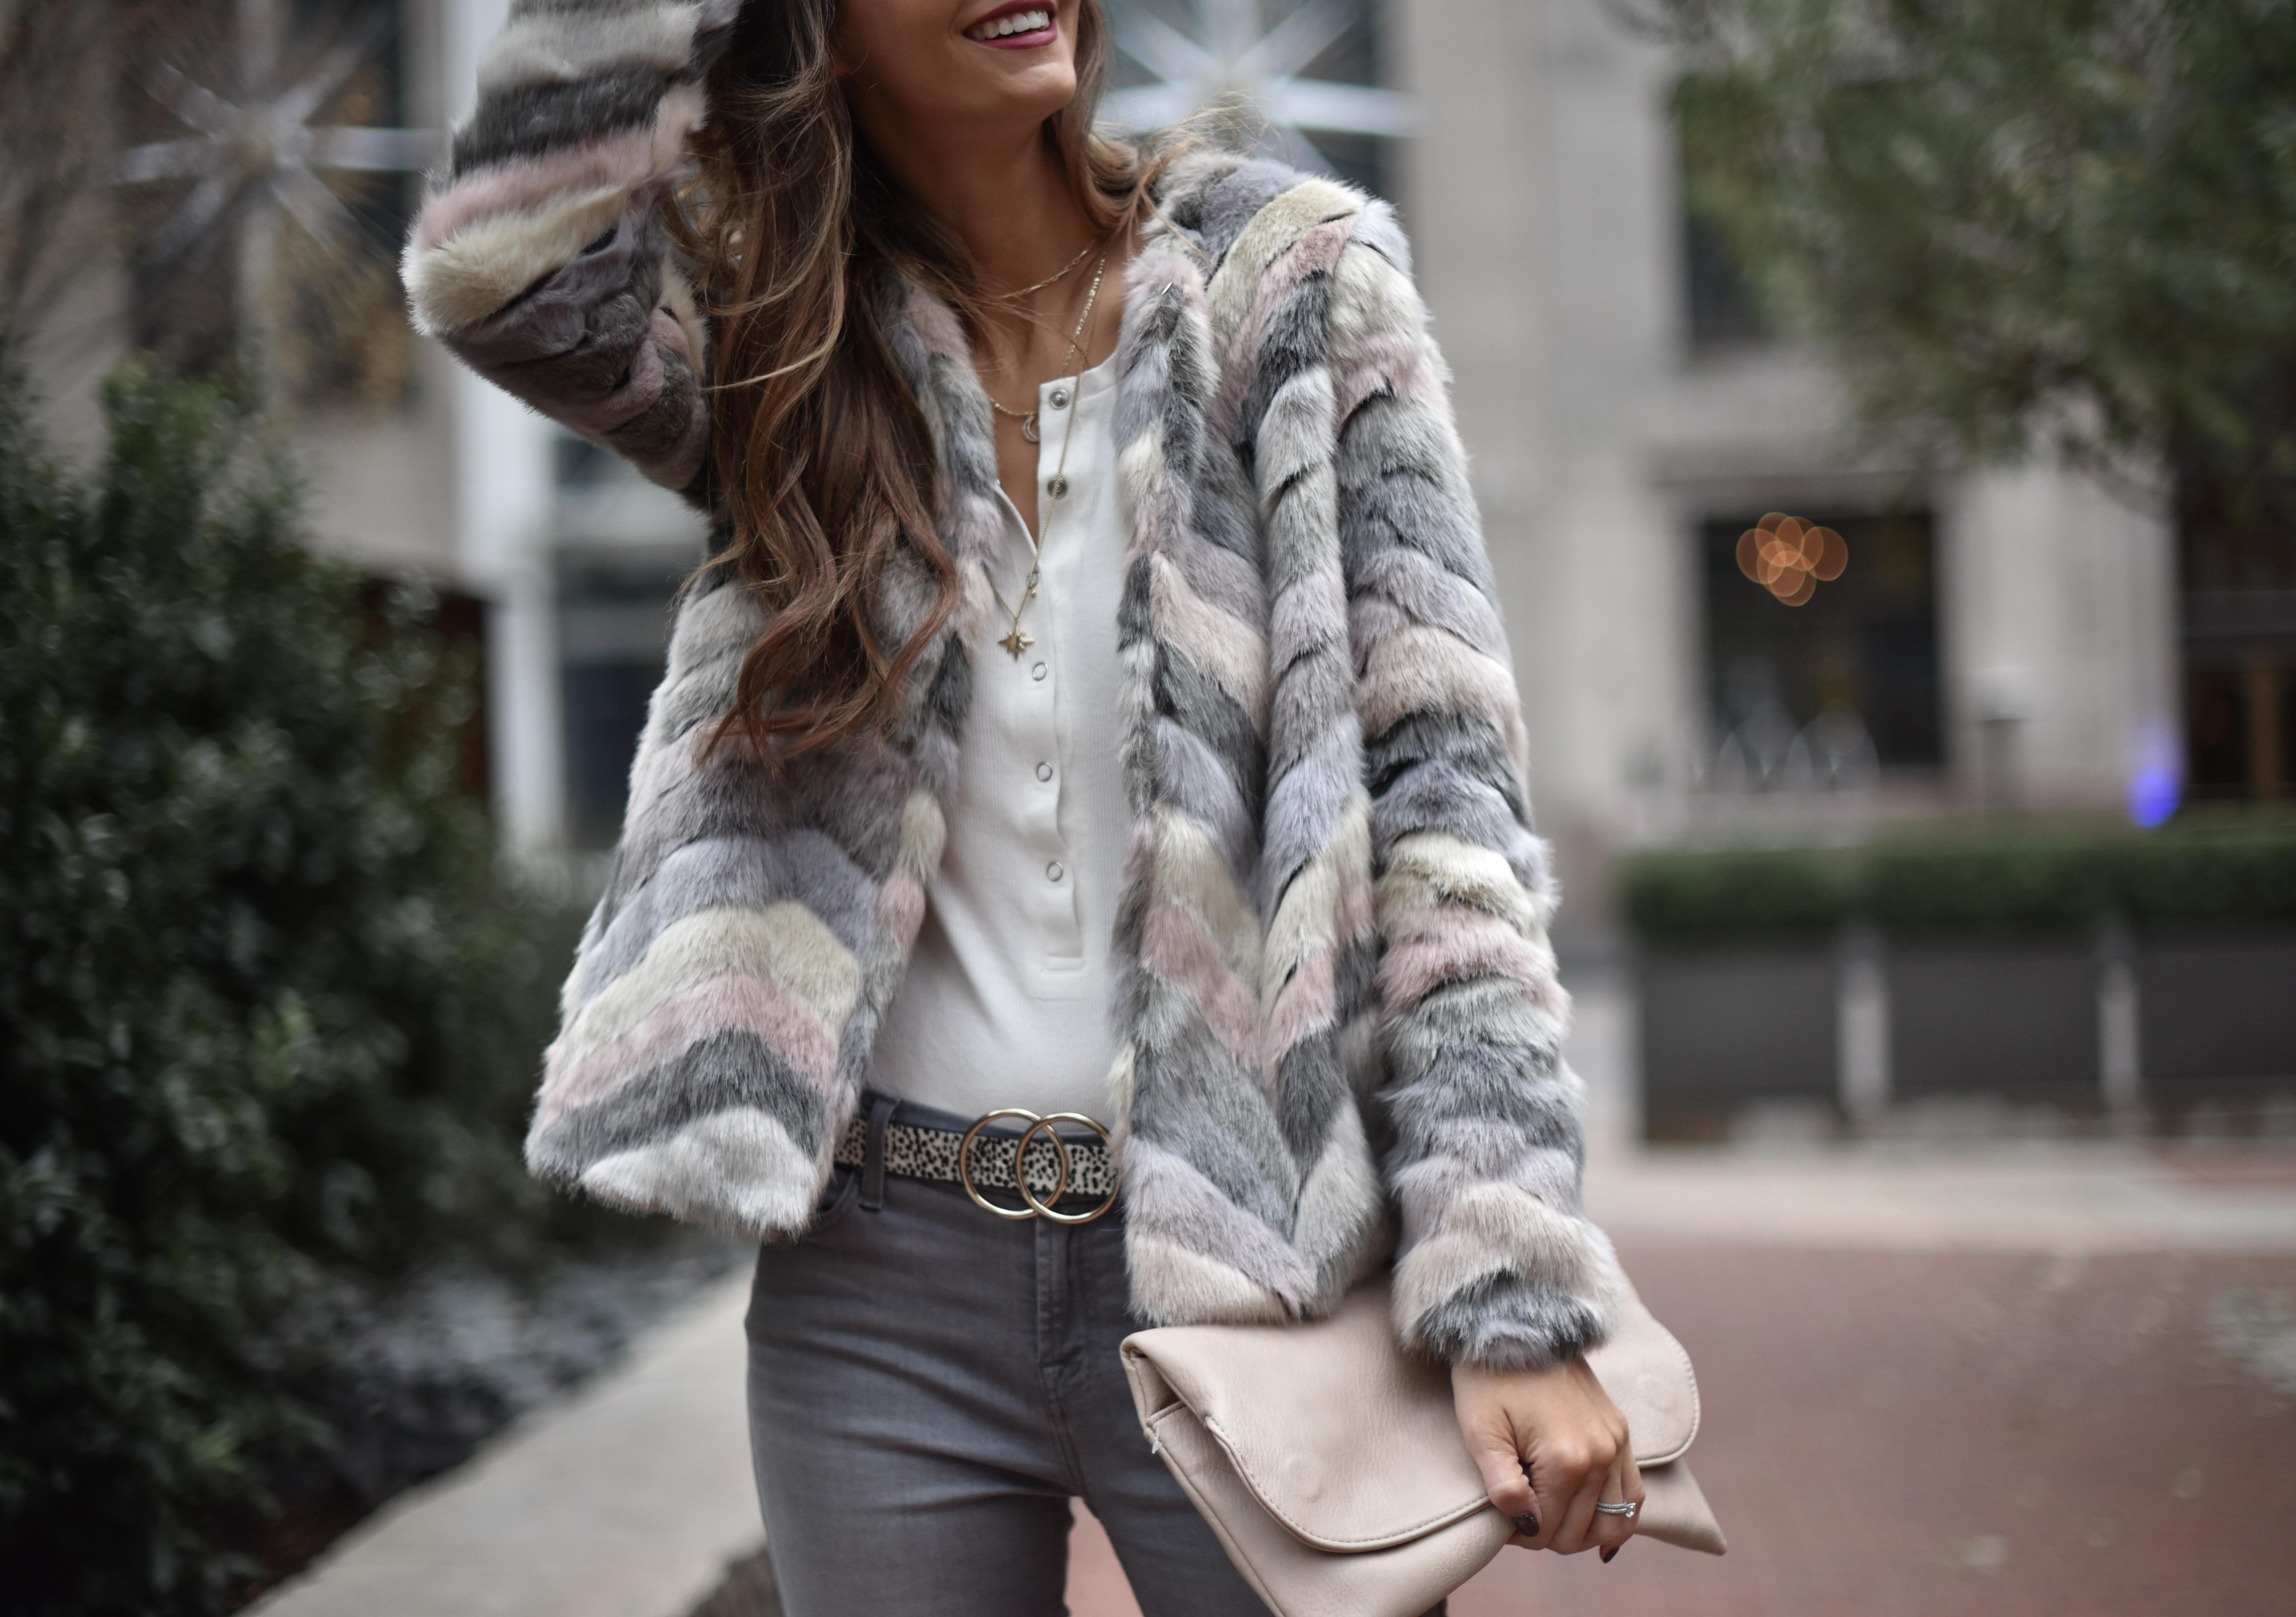 Faux Fur Coat + Christmas Plans